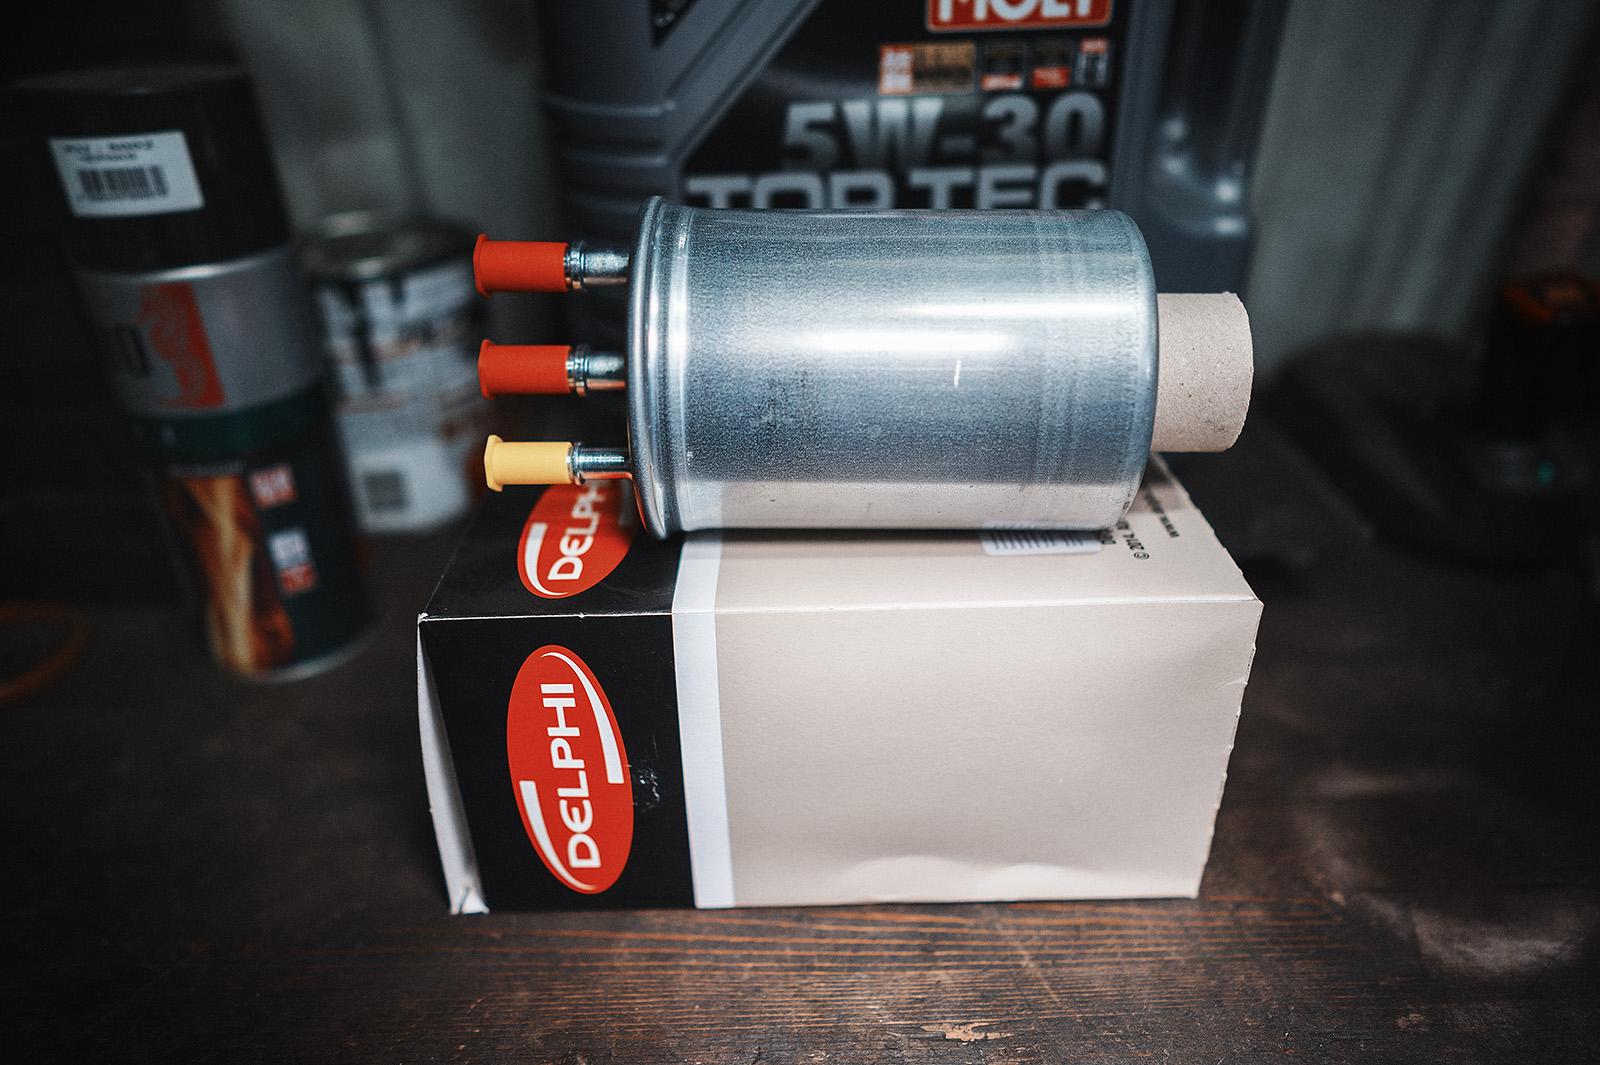 Оригинальный топливный фильтр от Delphi